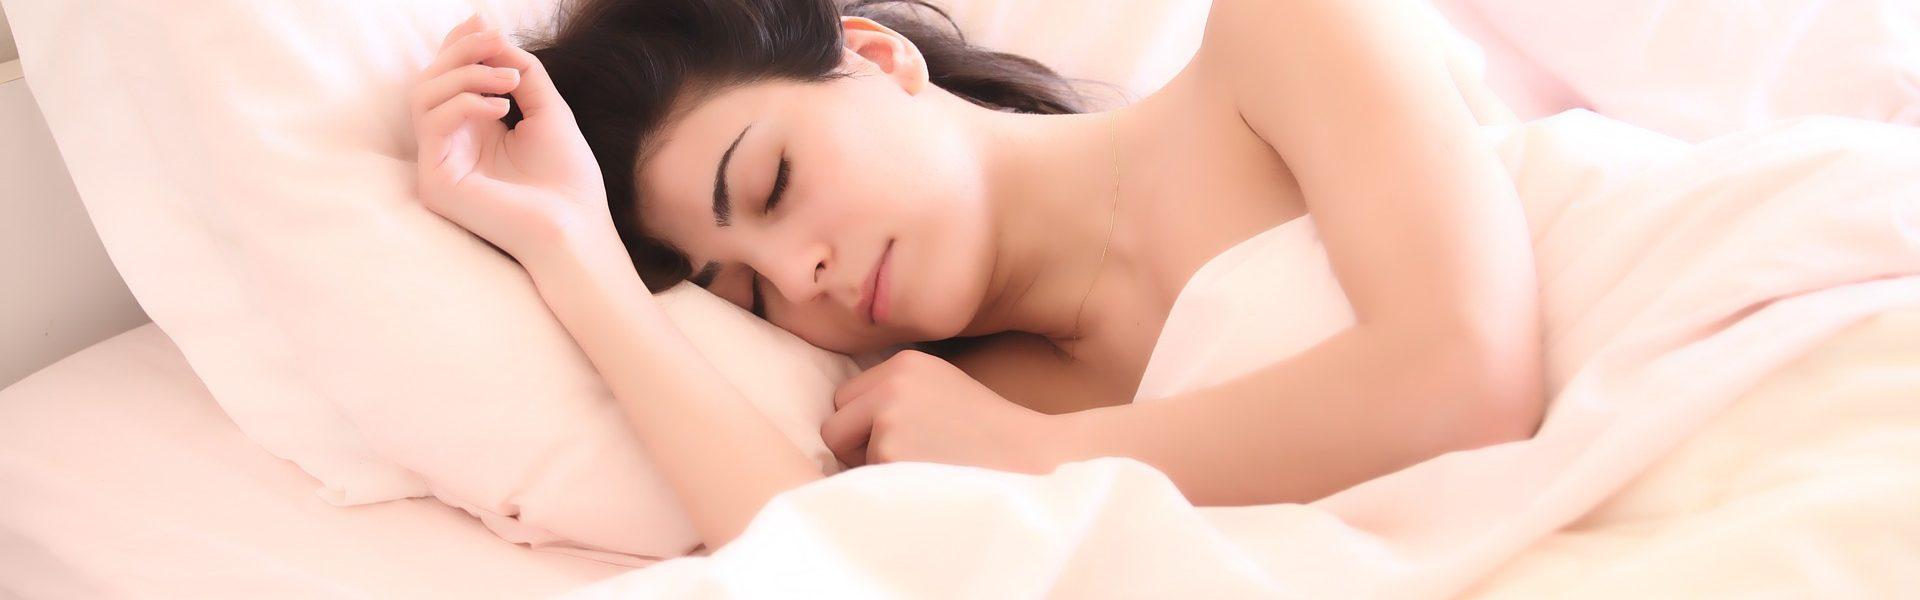 Dobro jutro ljepotice, Kažu da ovi snovi predskazuju dolazak ljubavi